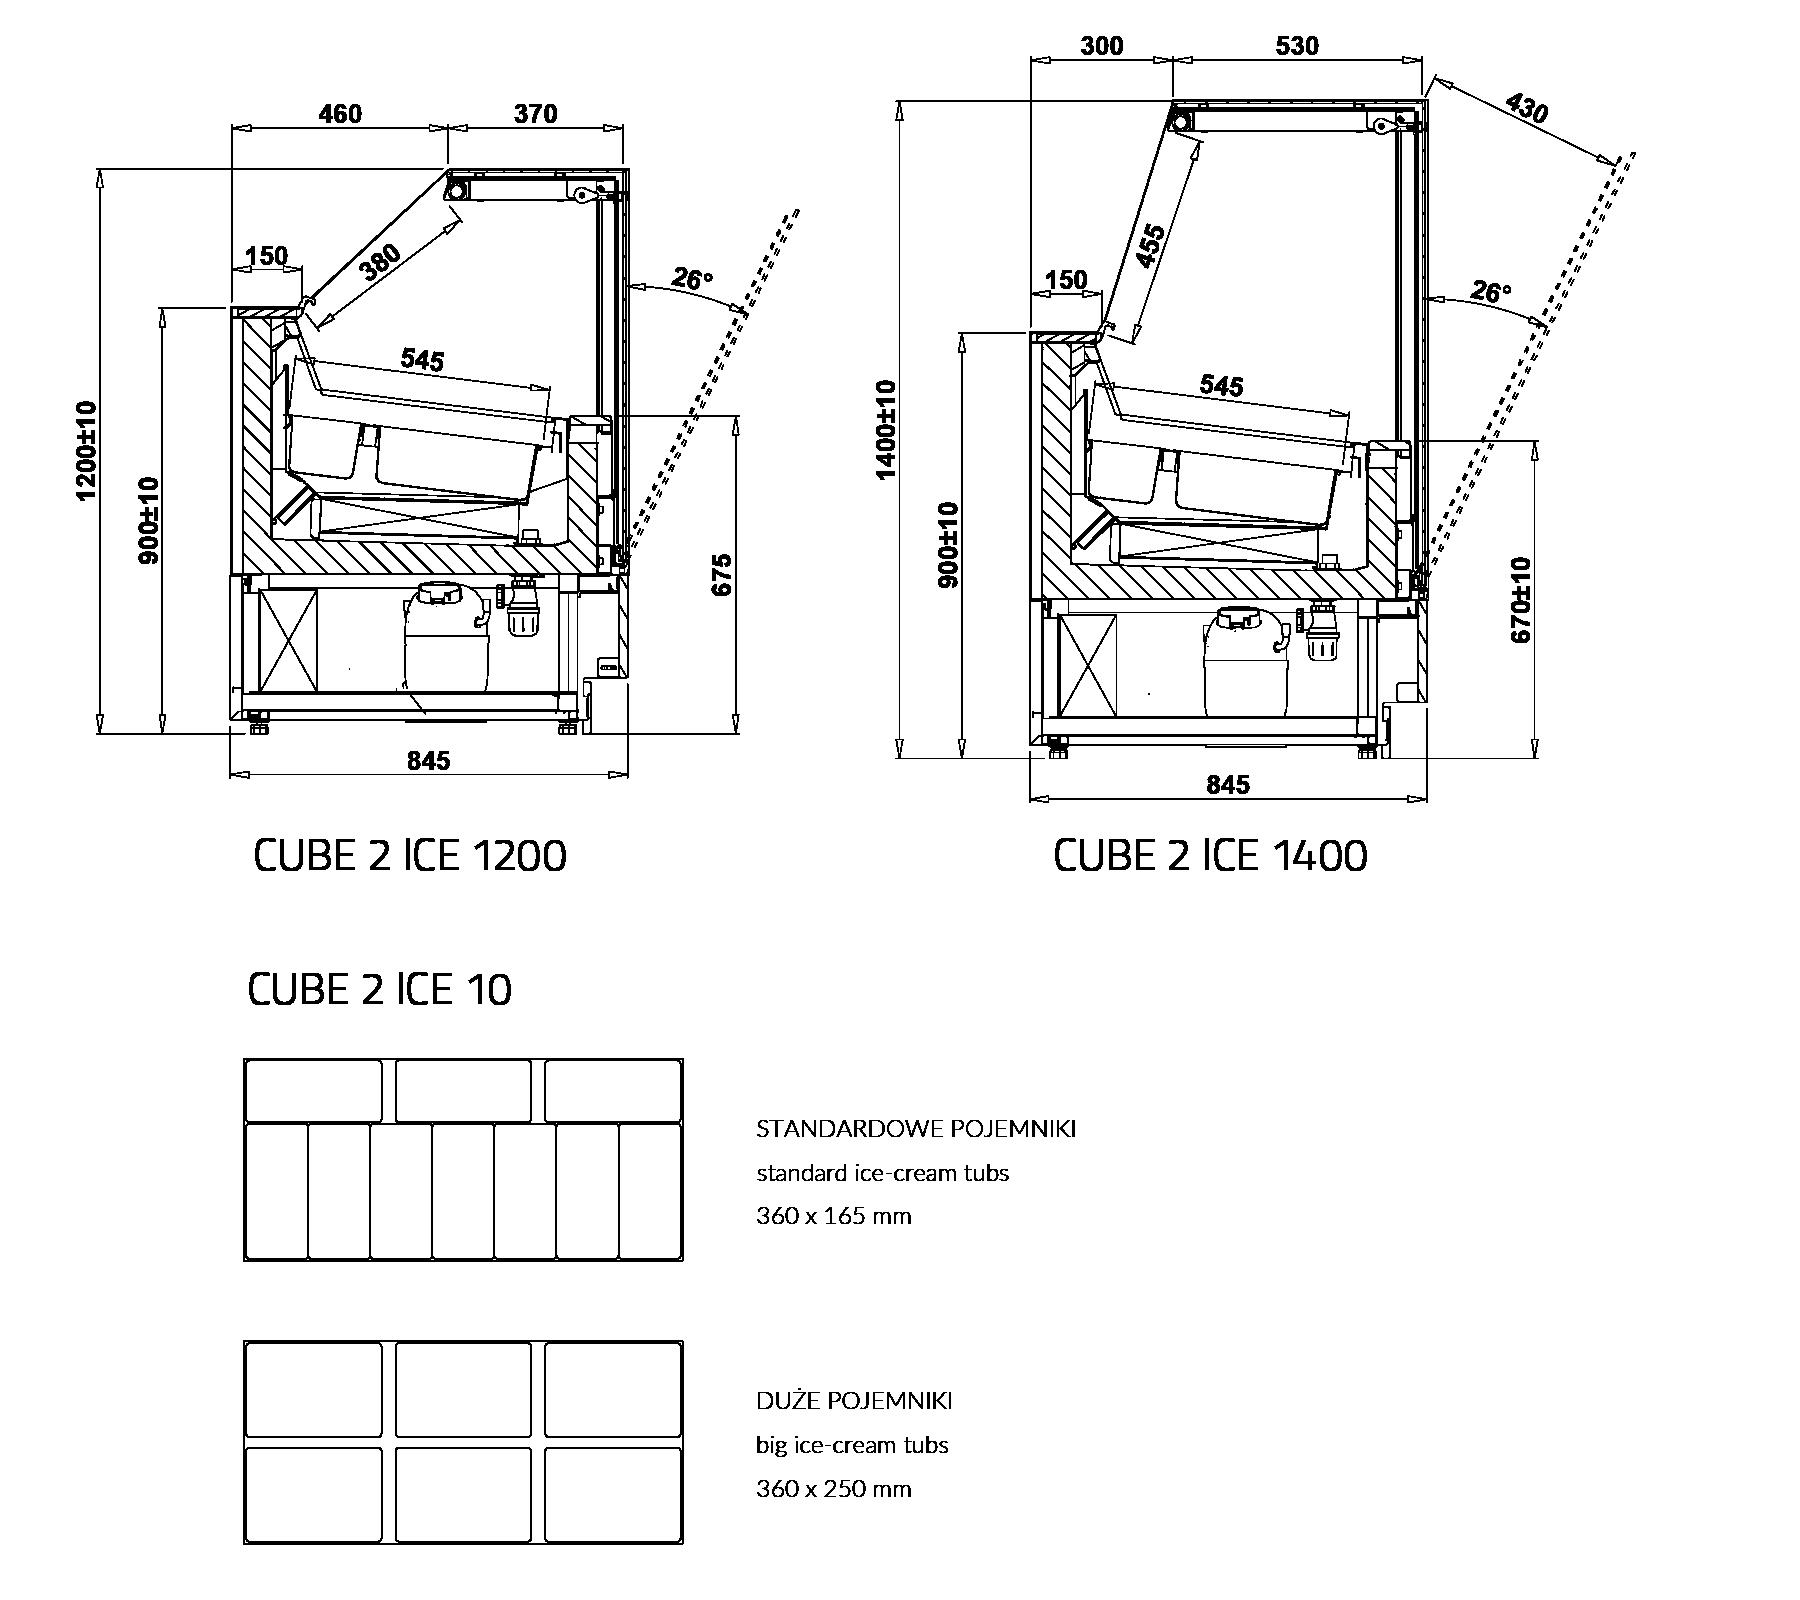 Rysunek techniczny Dystrybutor do lodów CUBE 2 ICE